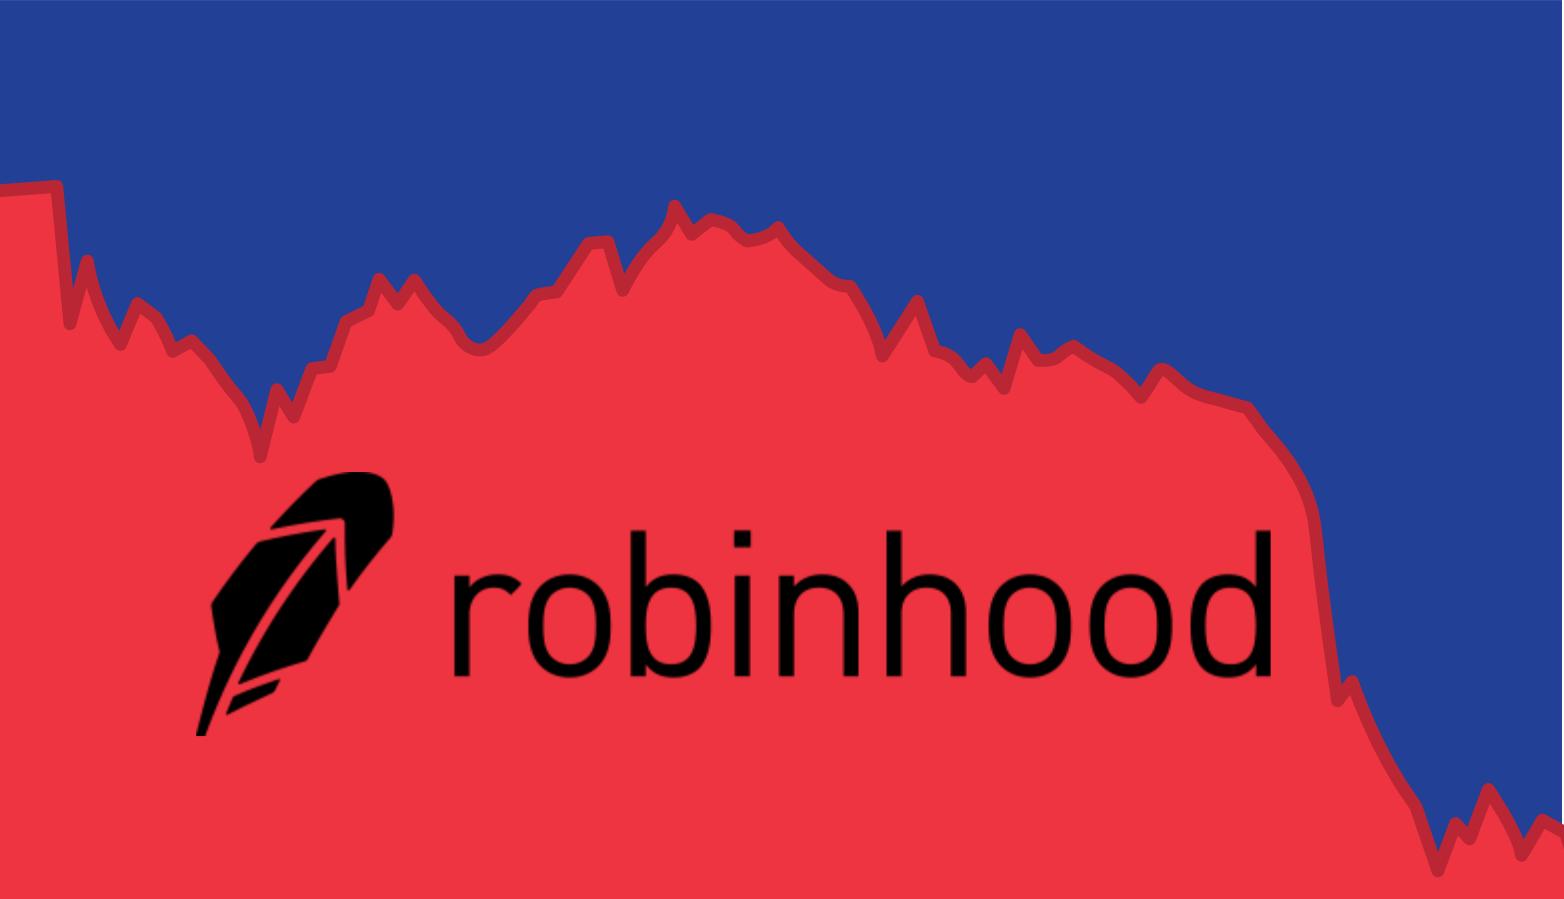 Tanker Stocks' Robinhood Moment